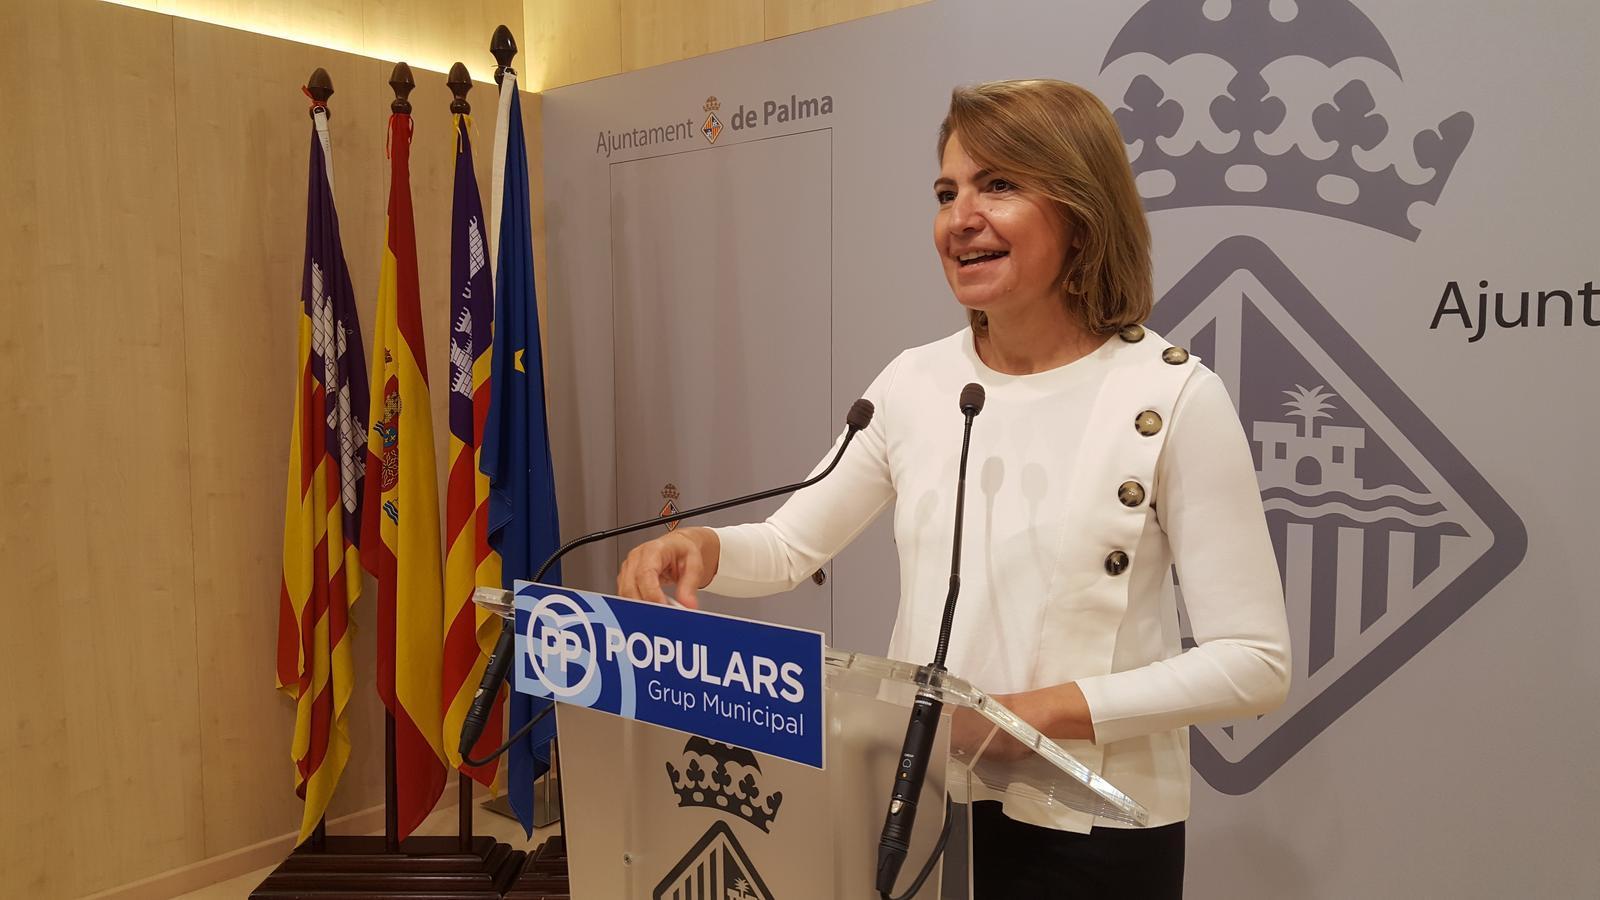 La portaveu del PP de Palma, Marga Duran